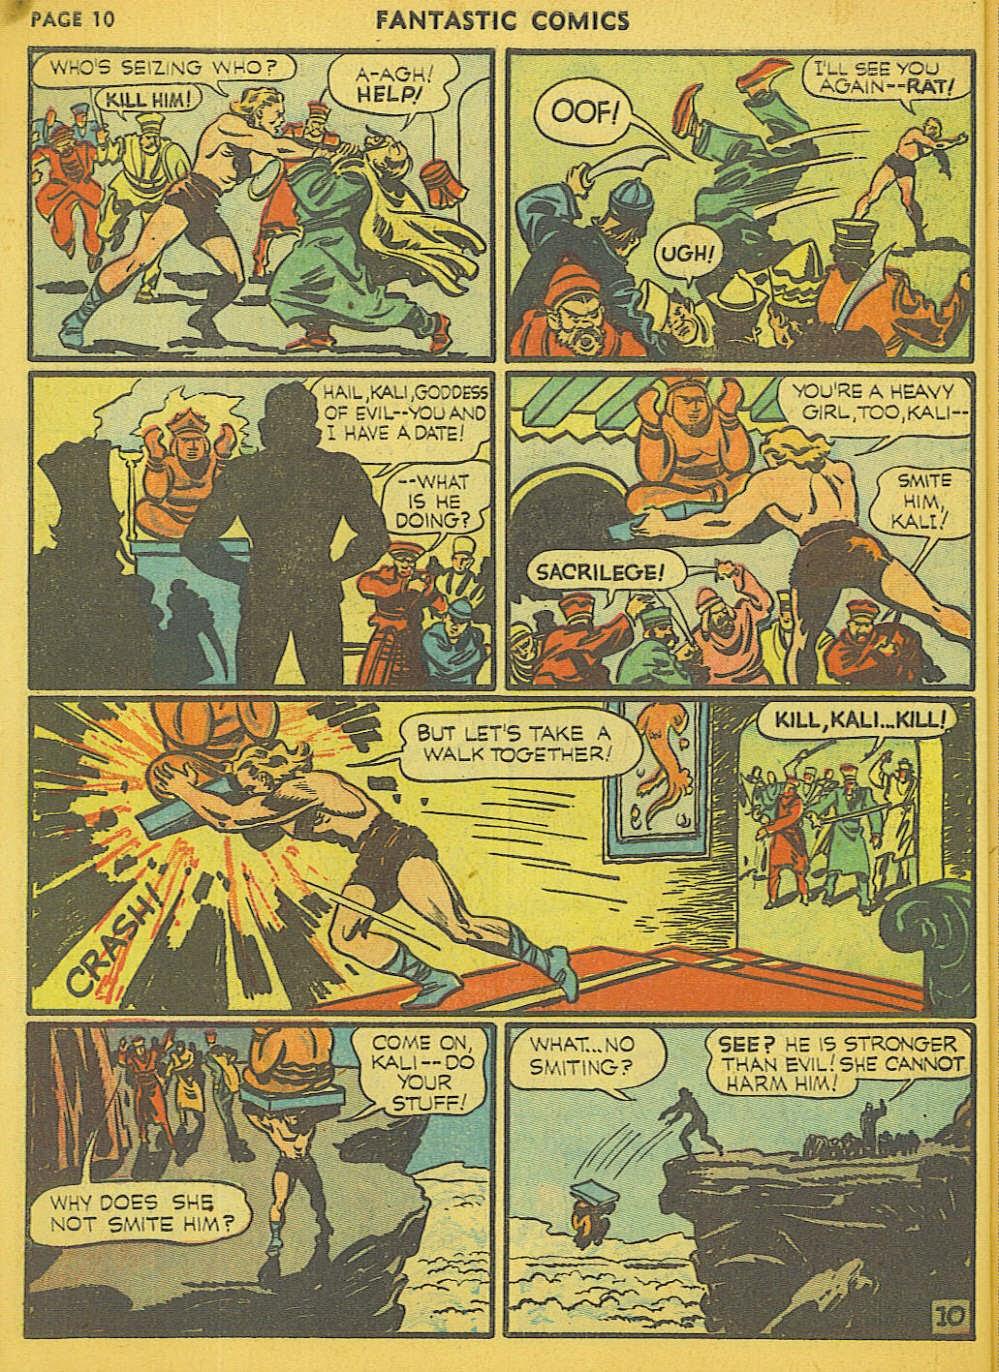 Read online Fantastic Comics comic -  Issue #15 - 3